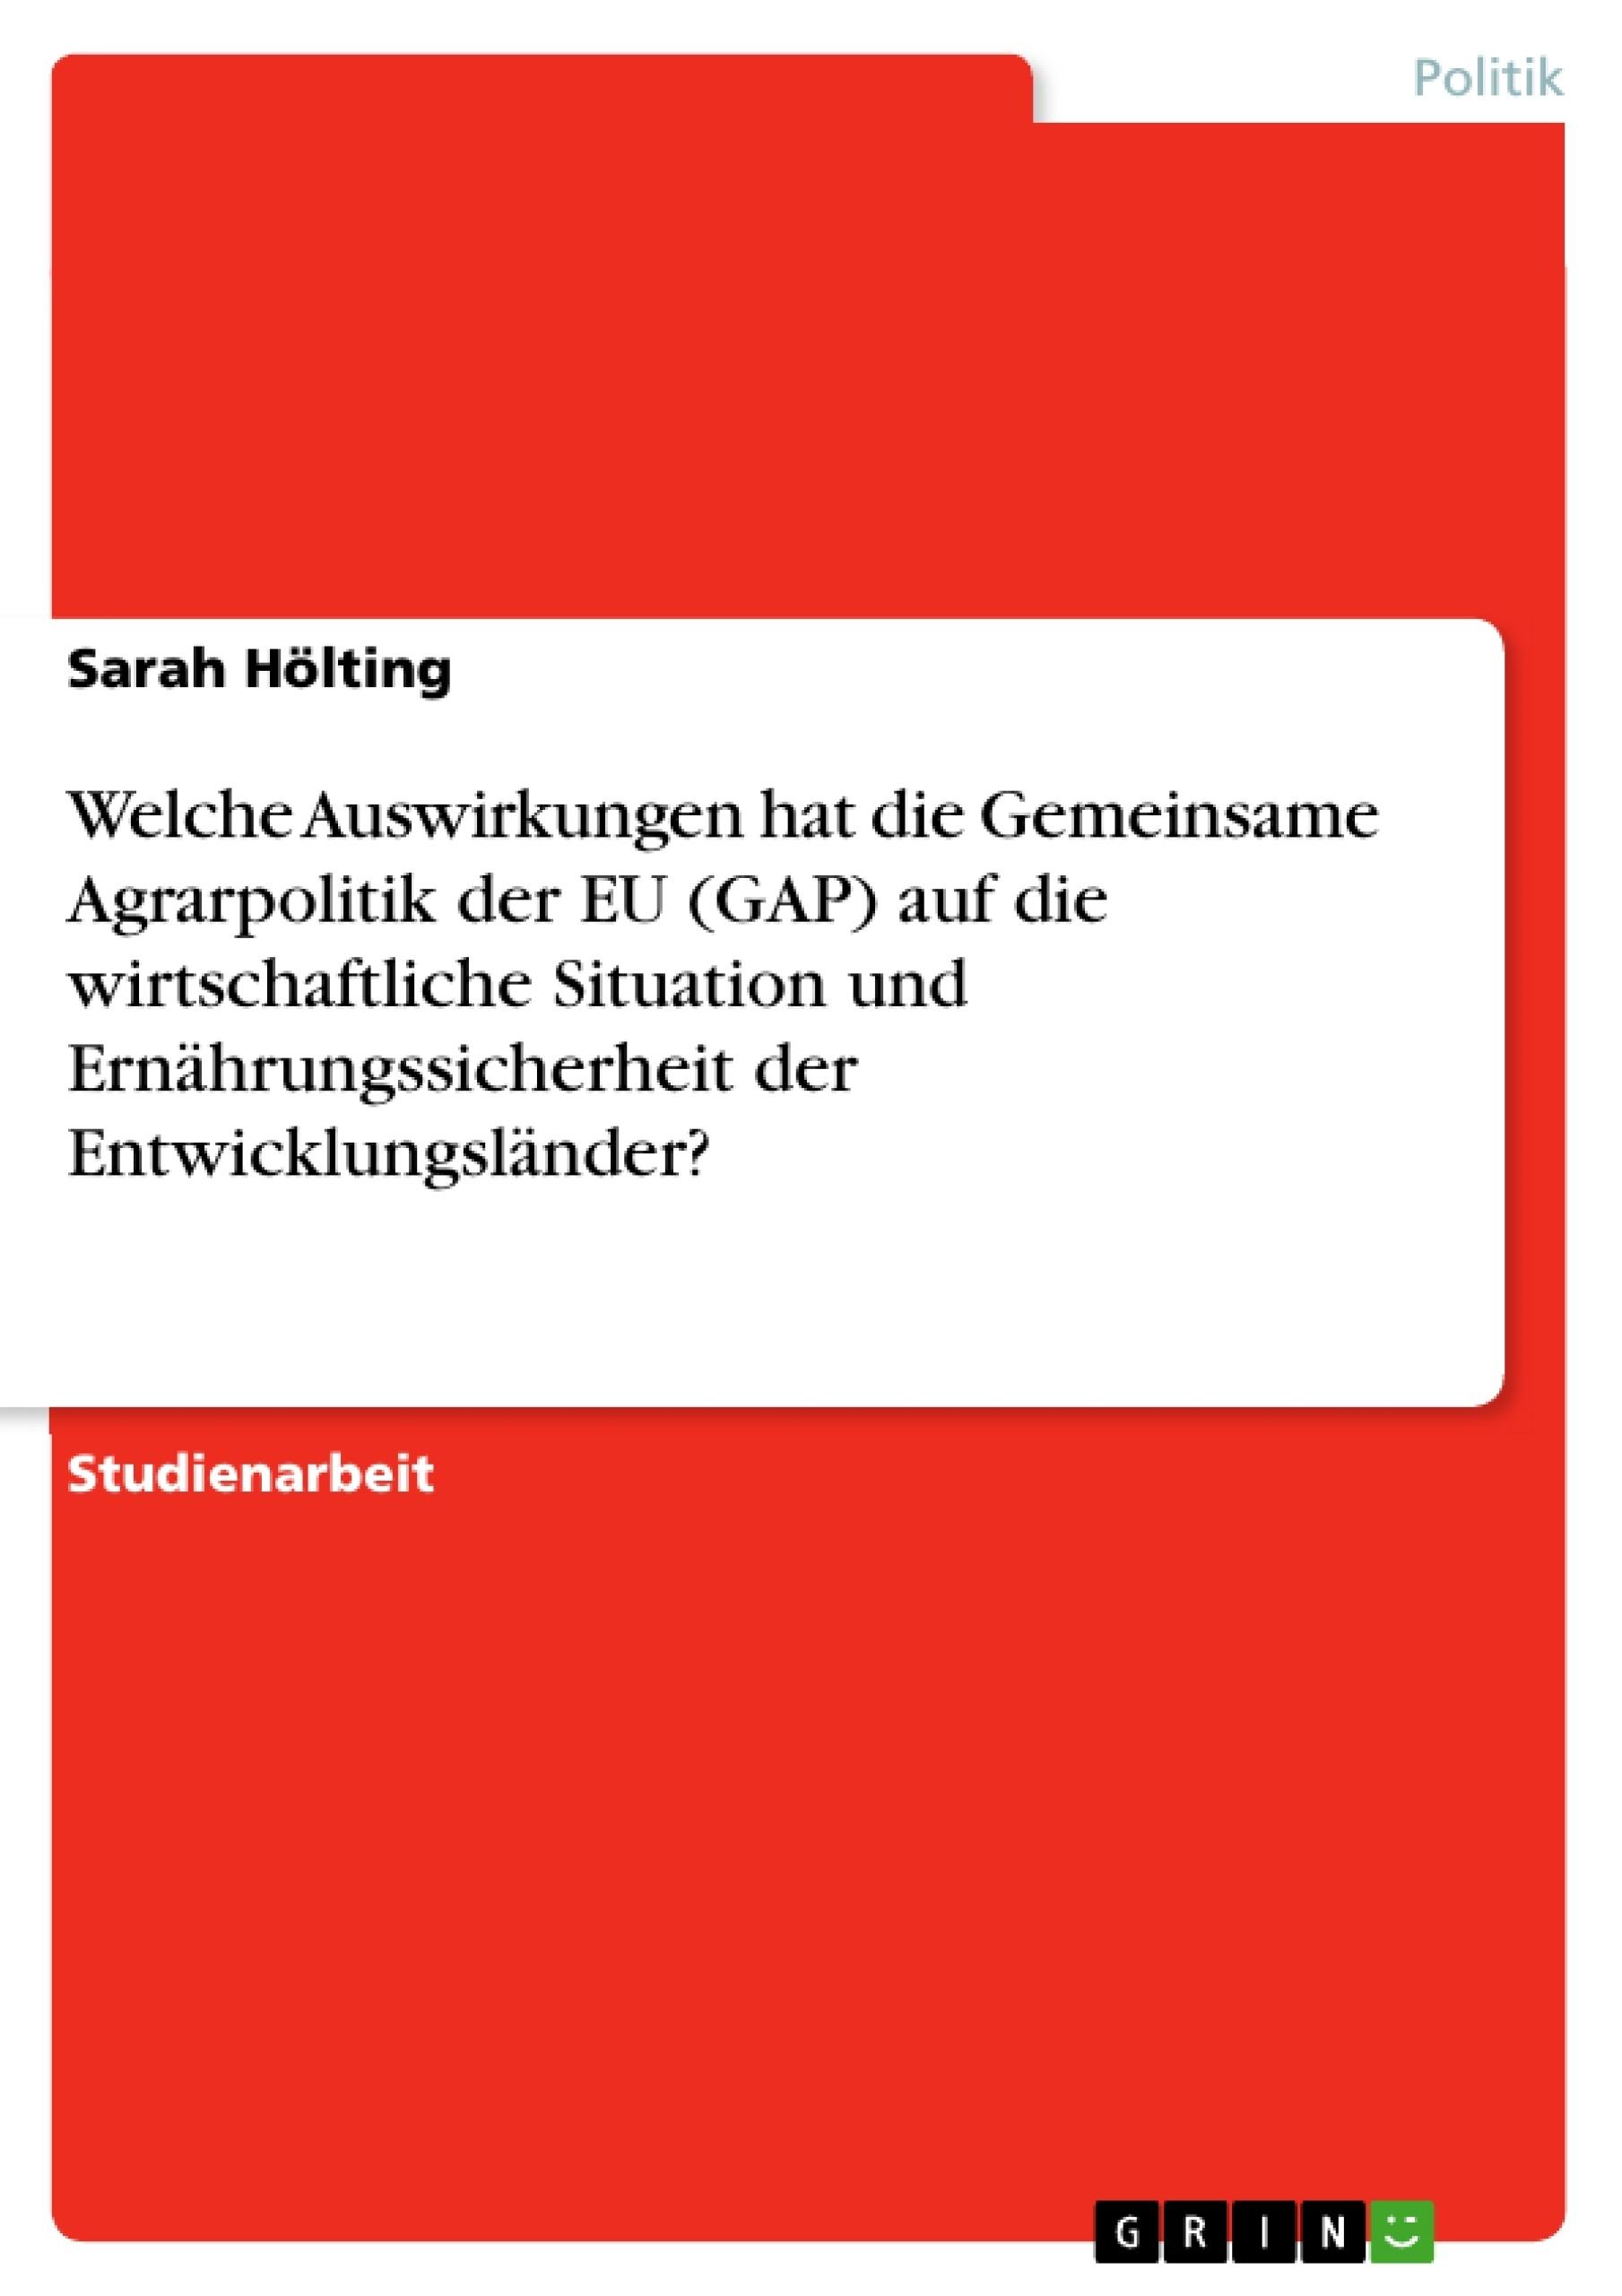 Titel: Welche Auswirkungen hat die Gemeinsame Agrarpolitik der EU (GAP) auf die wirtschaftliche Situation und Ernährungssicherheit der Entwicklungsländer?